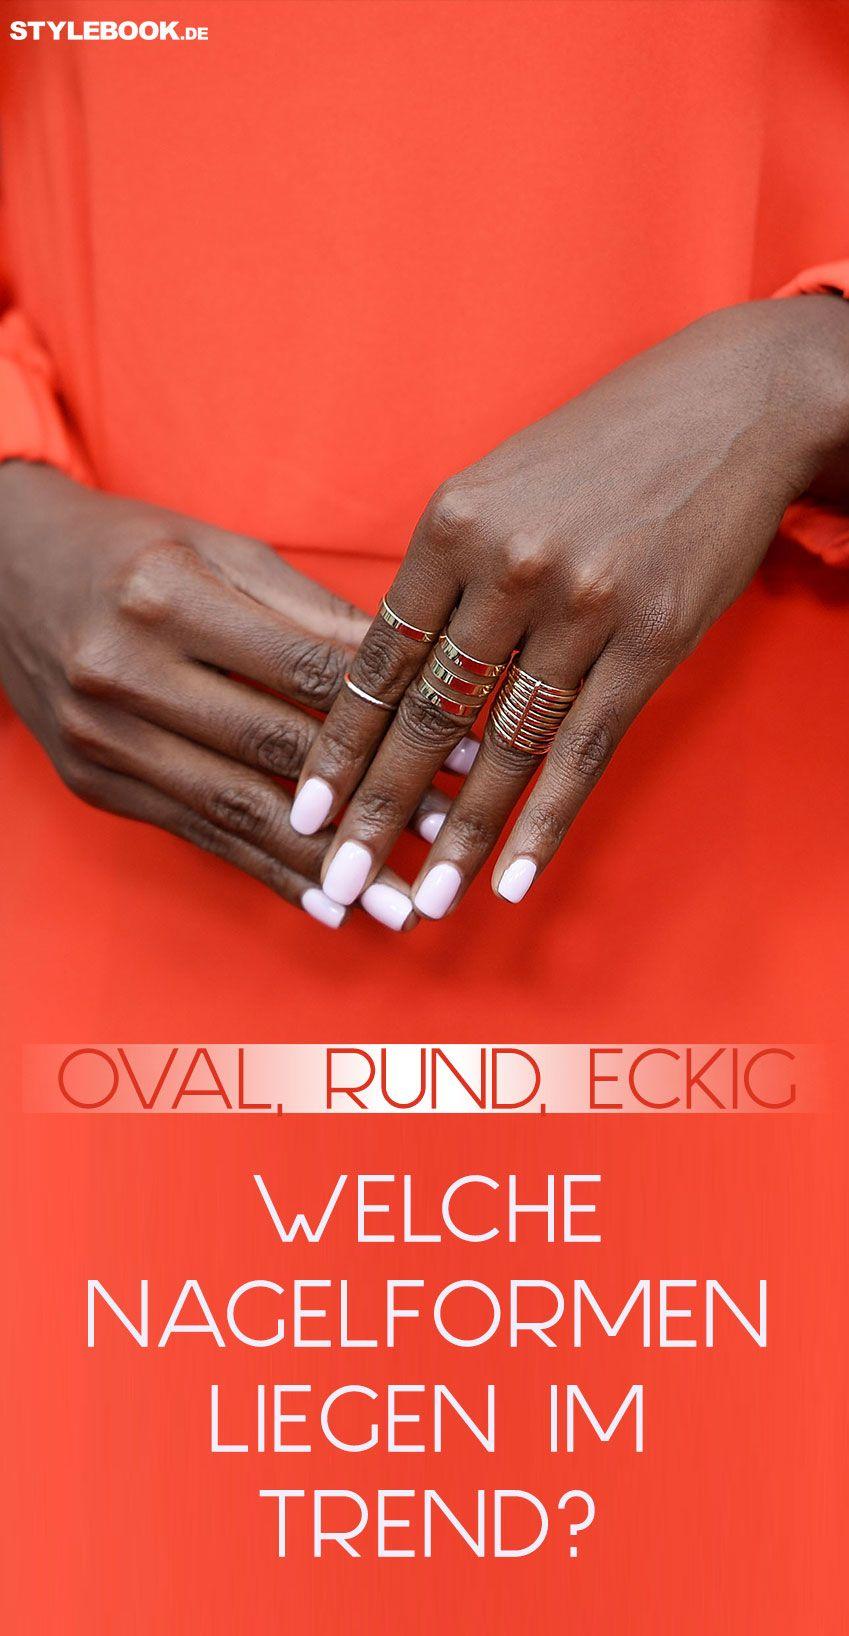 Welche Nagelform passt zu deiner Hand? | Nagelform, Gepflegt und Trends